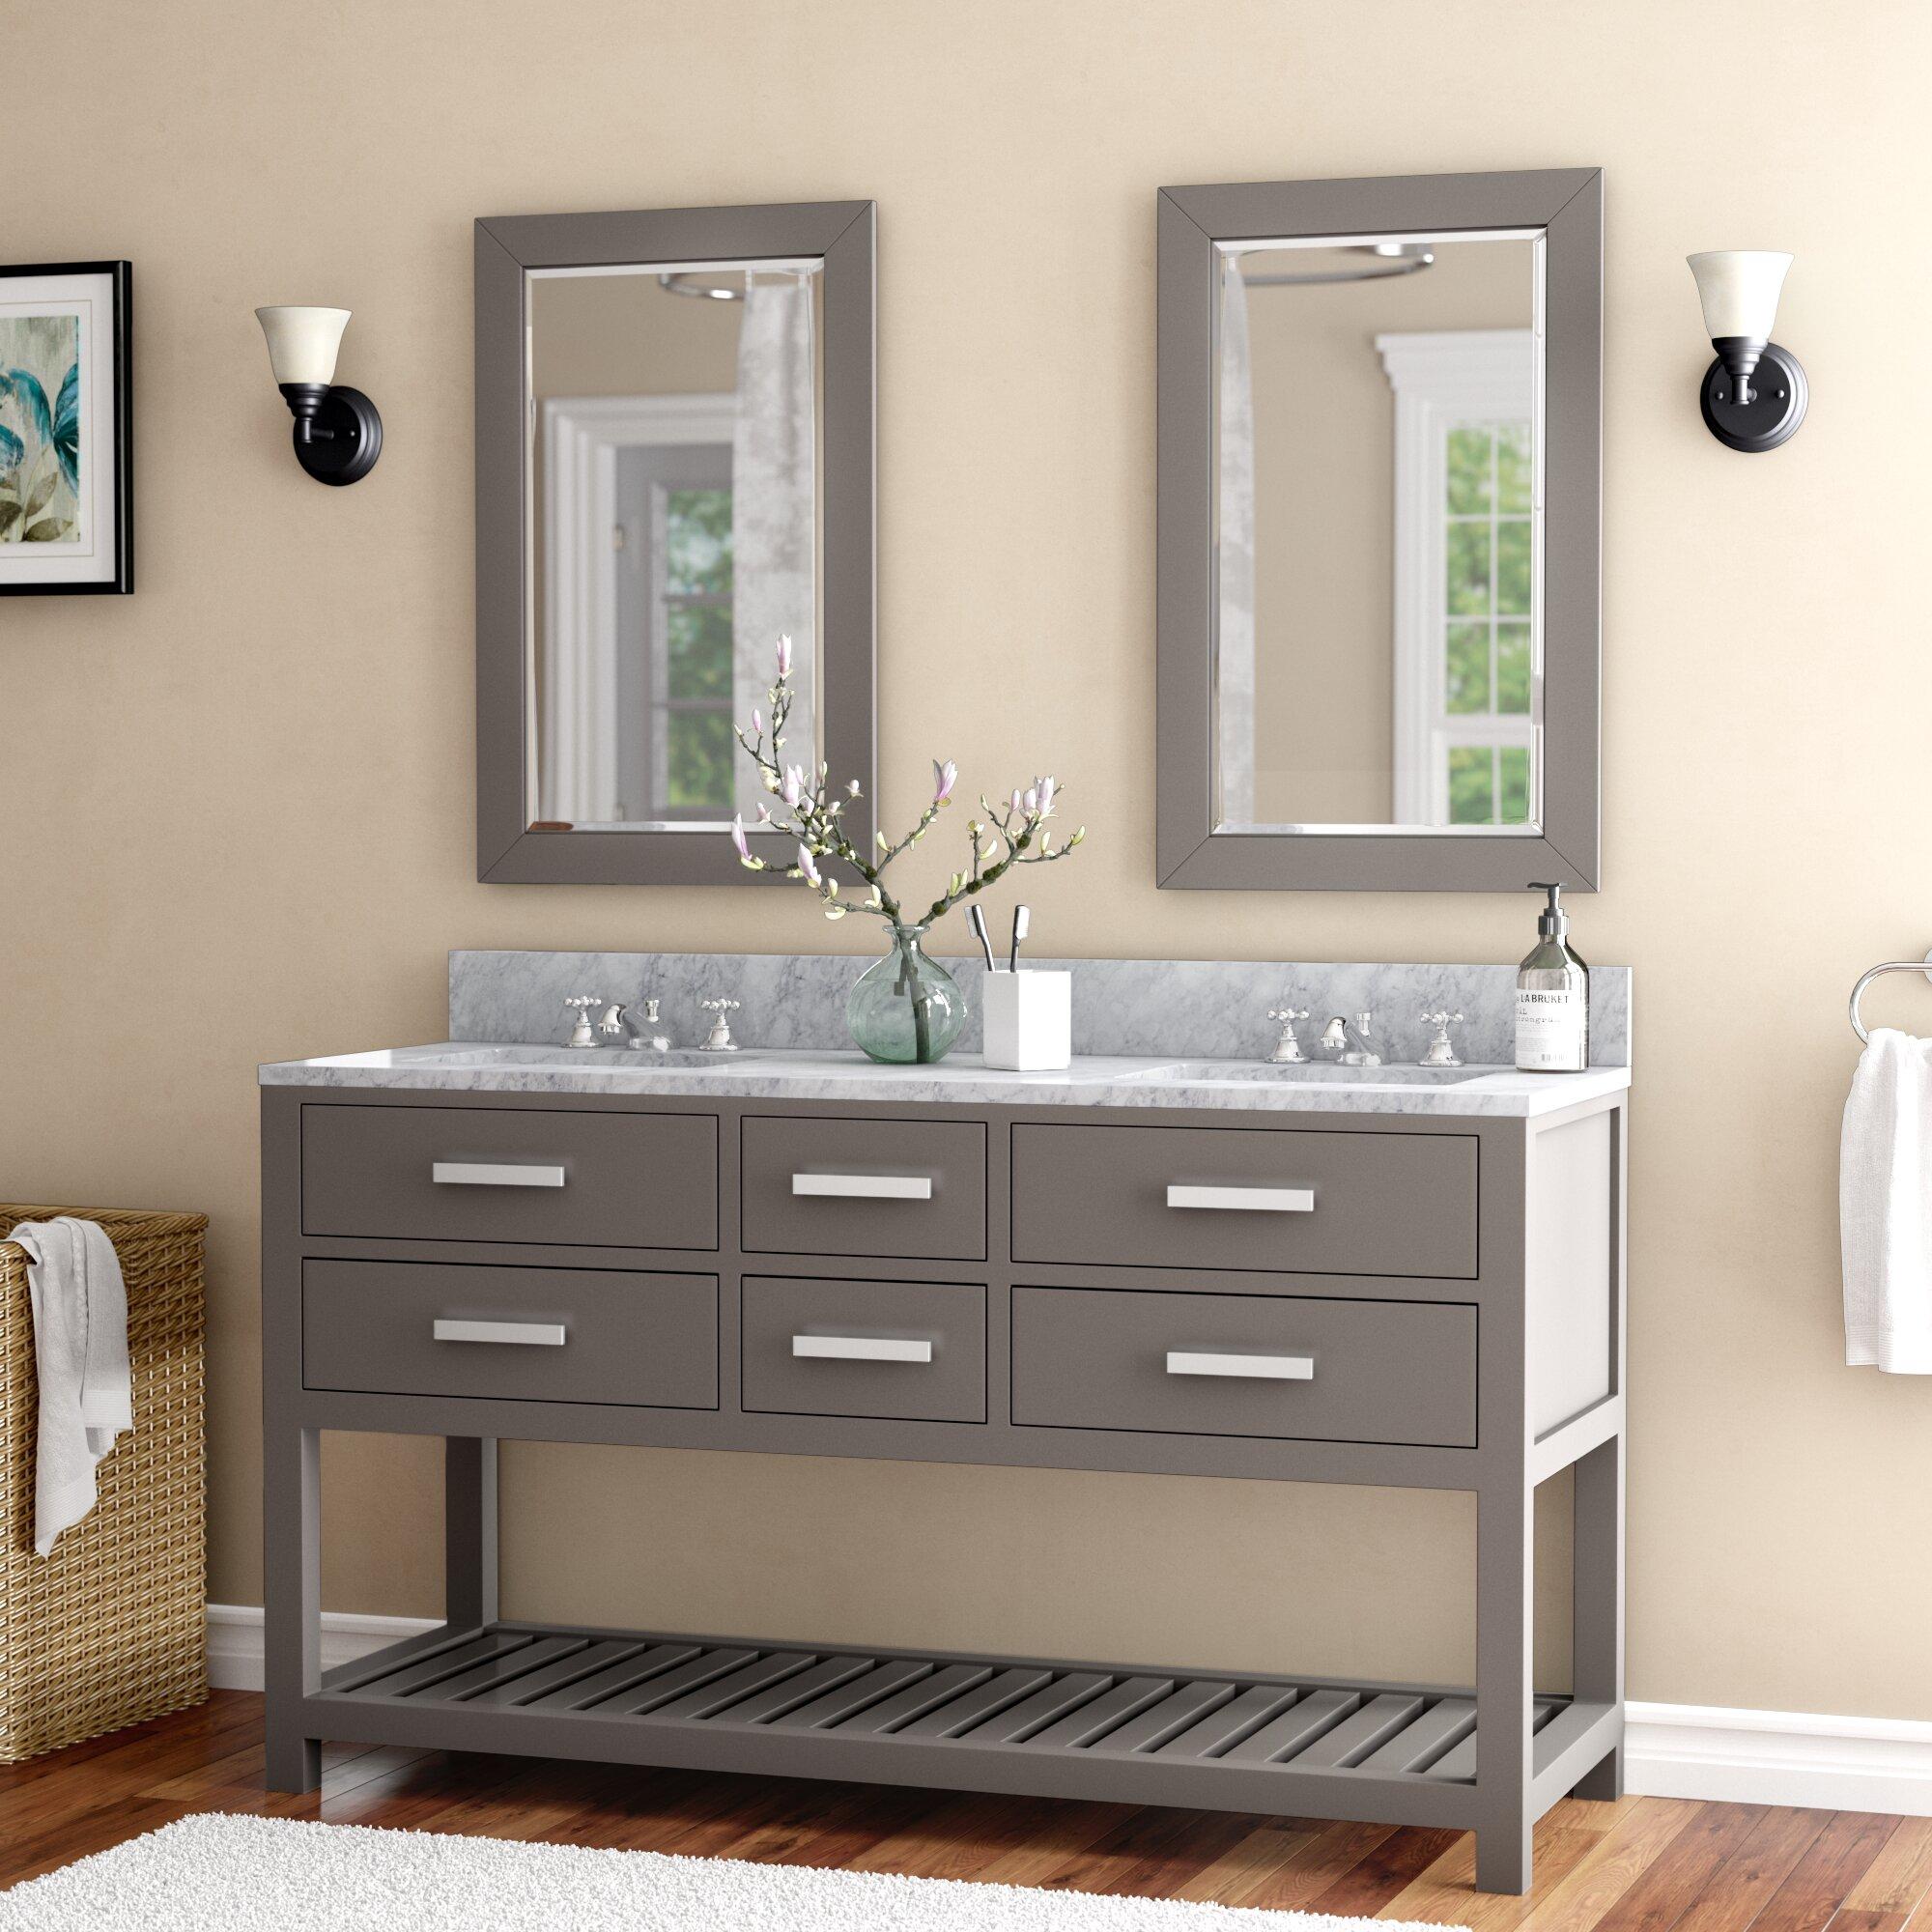 Double sink vanity mirror best microfiber cleaning cloth for eyeglasses